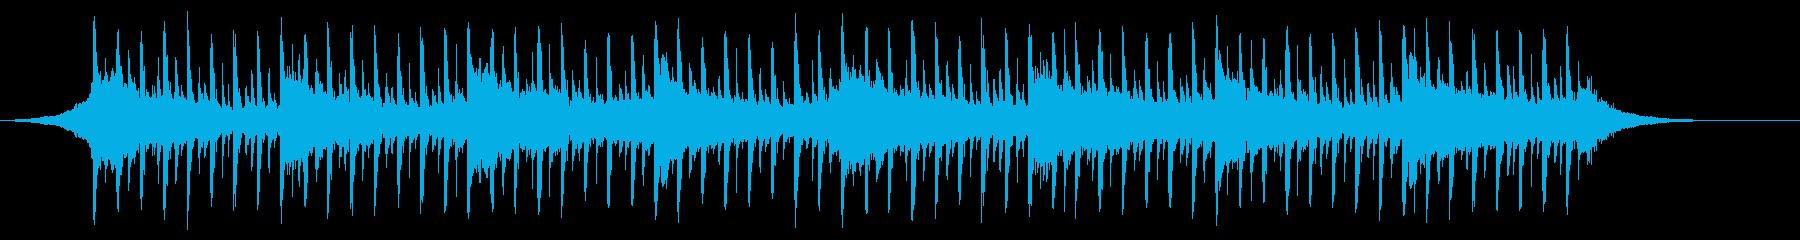 医療と科学(45秒)の再生済みの波形